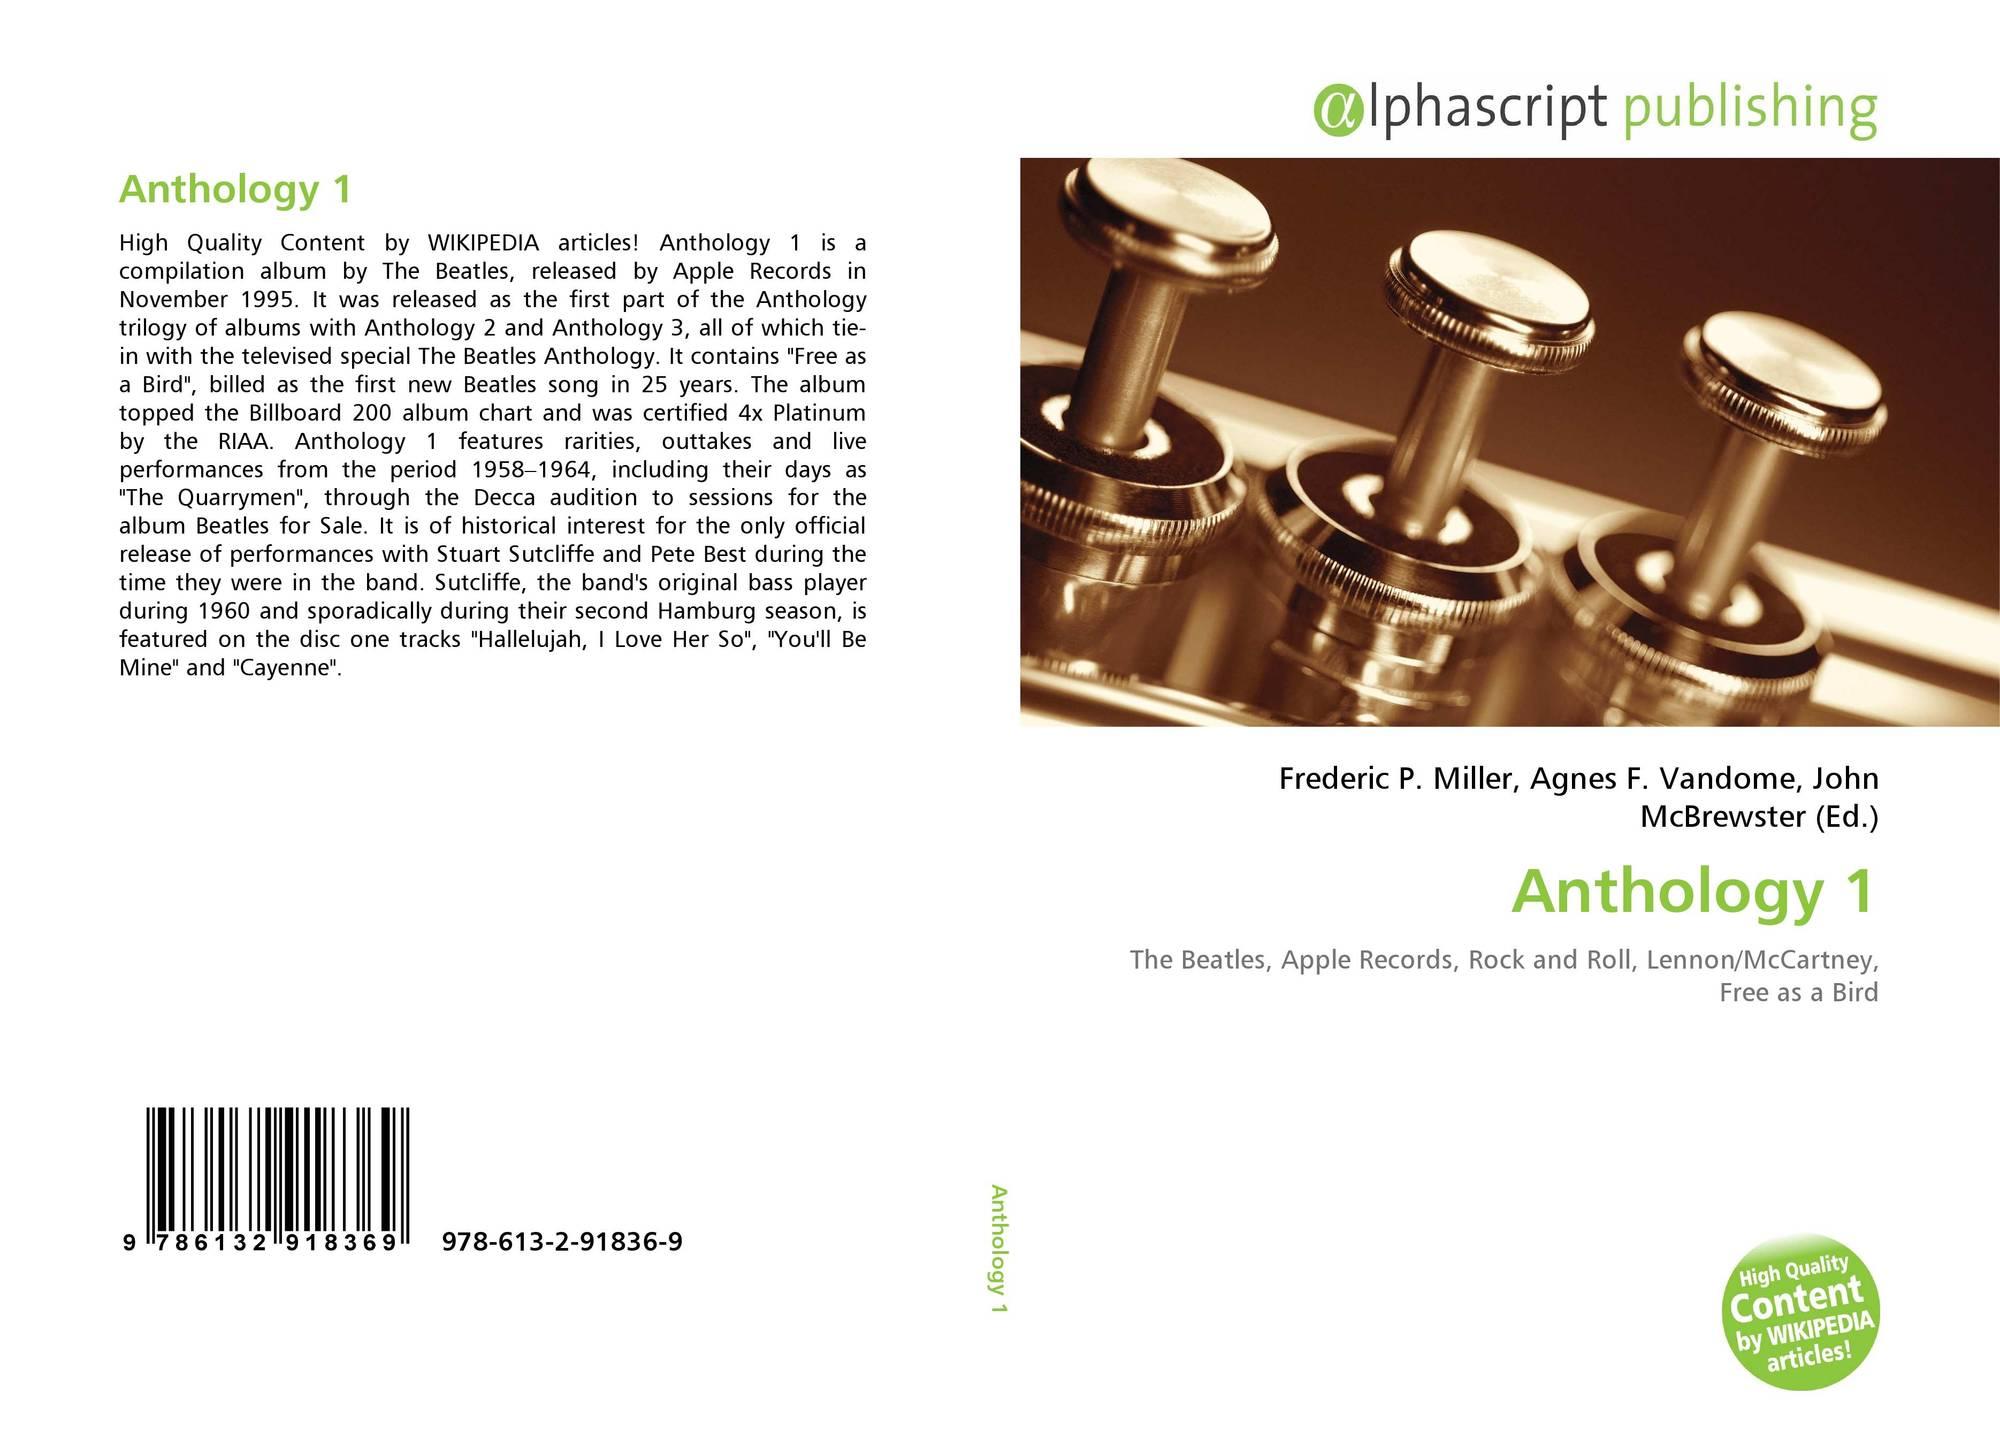 Anthology 1, 978-613-2-91836-9, 6132918361 ,9786132918369